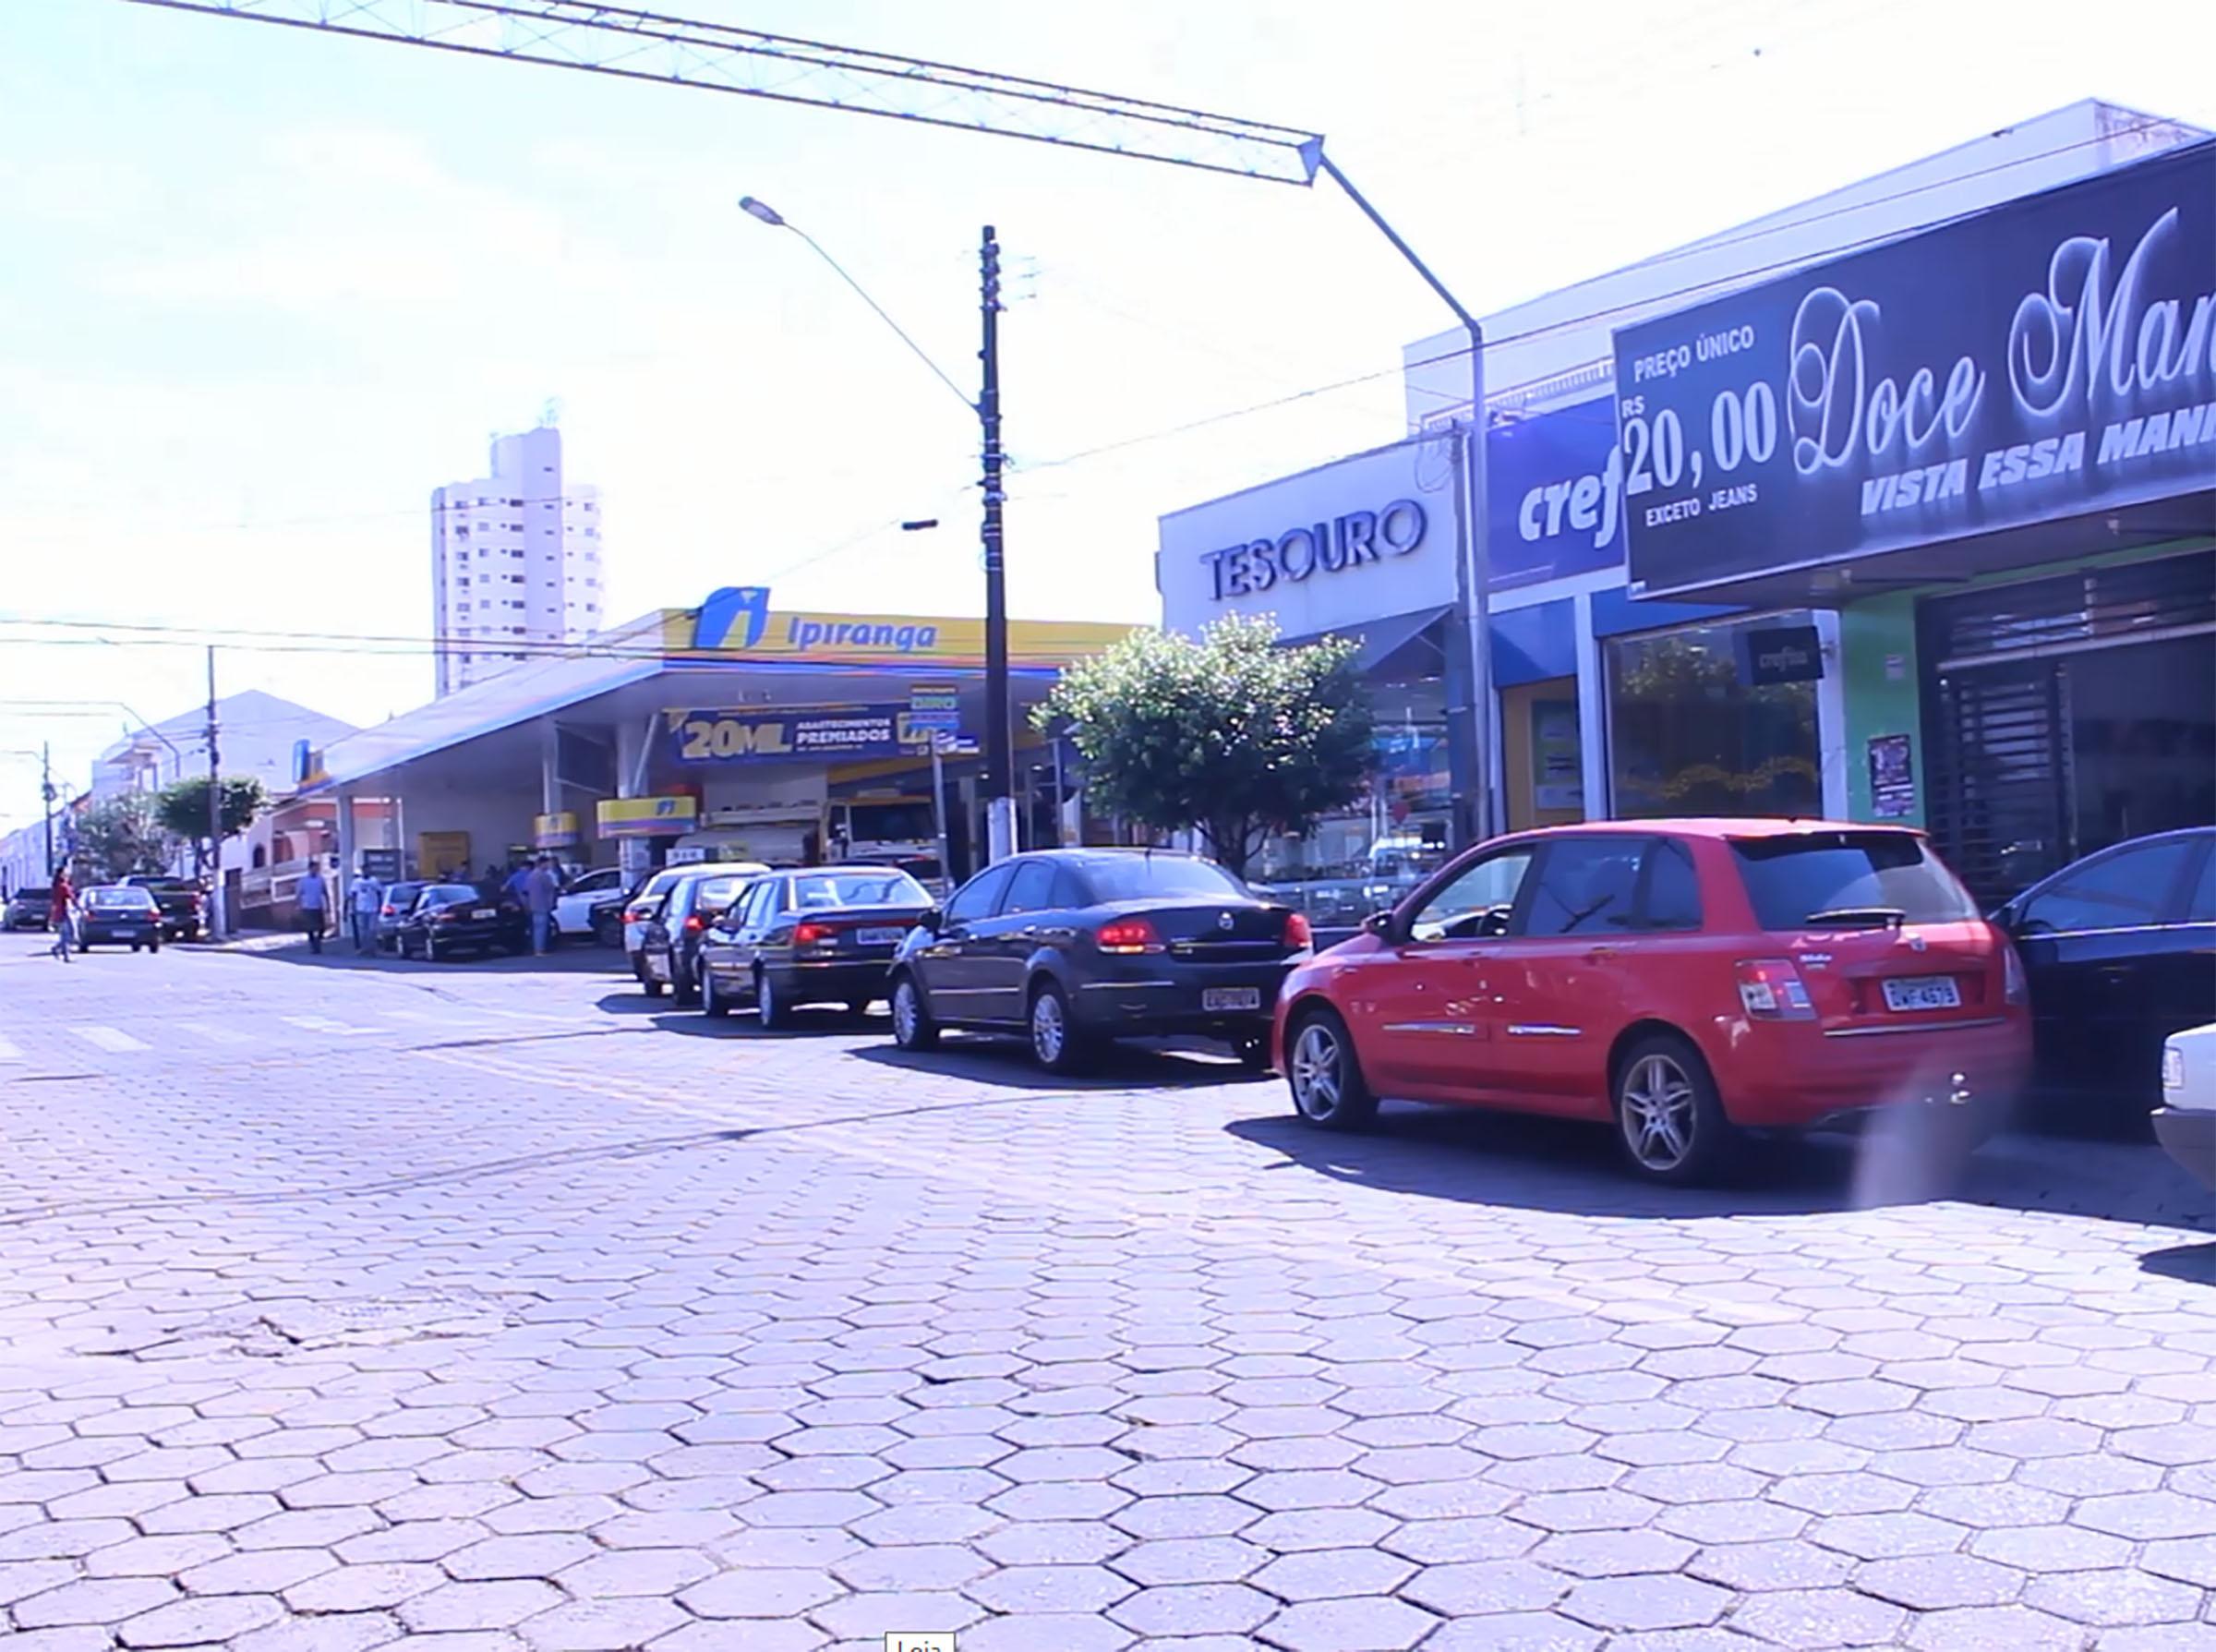 Greve dos caminhoneiros cria caos pela busca de combustíveis em Paraguaçu